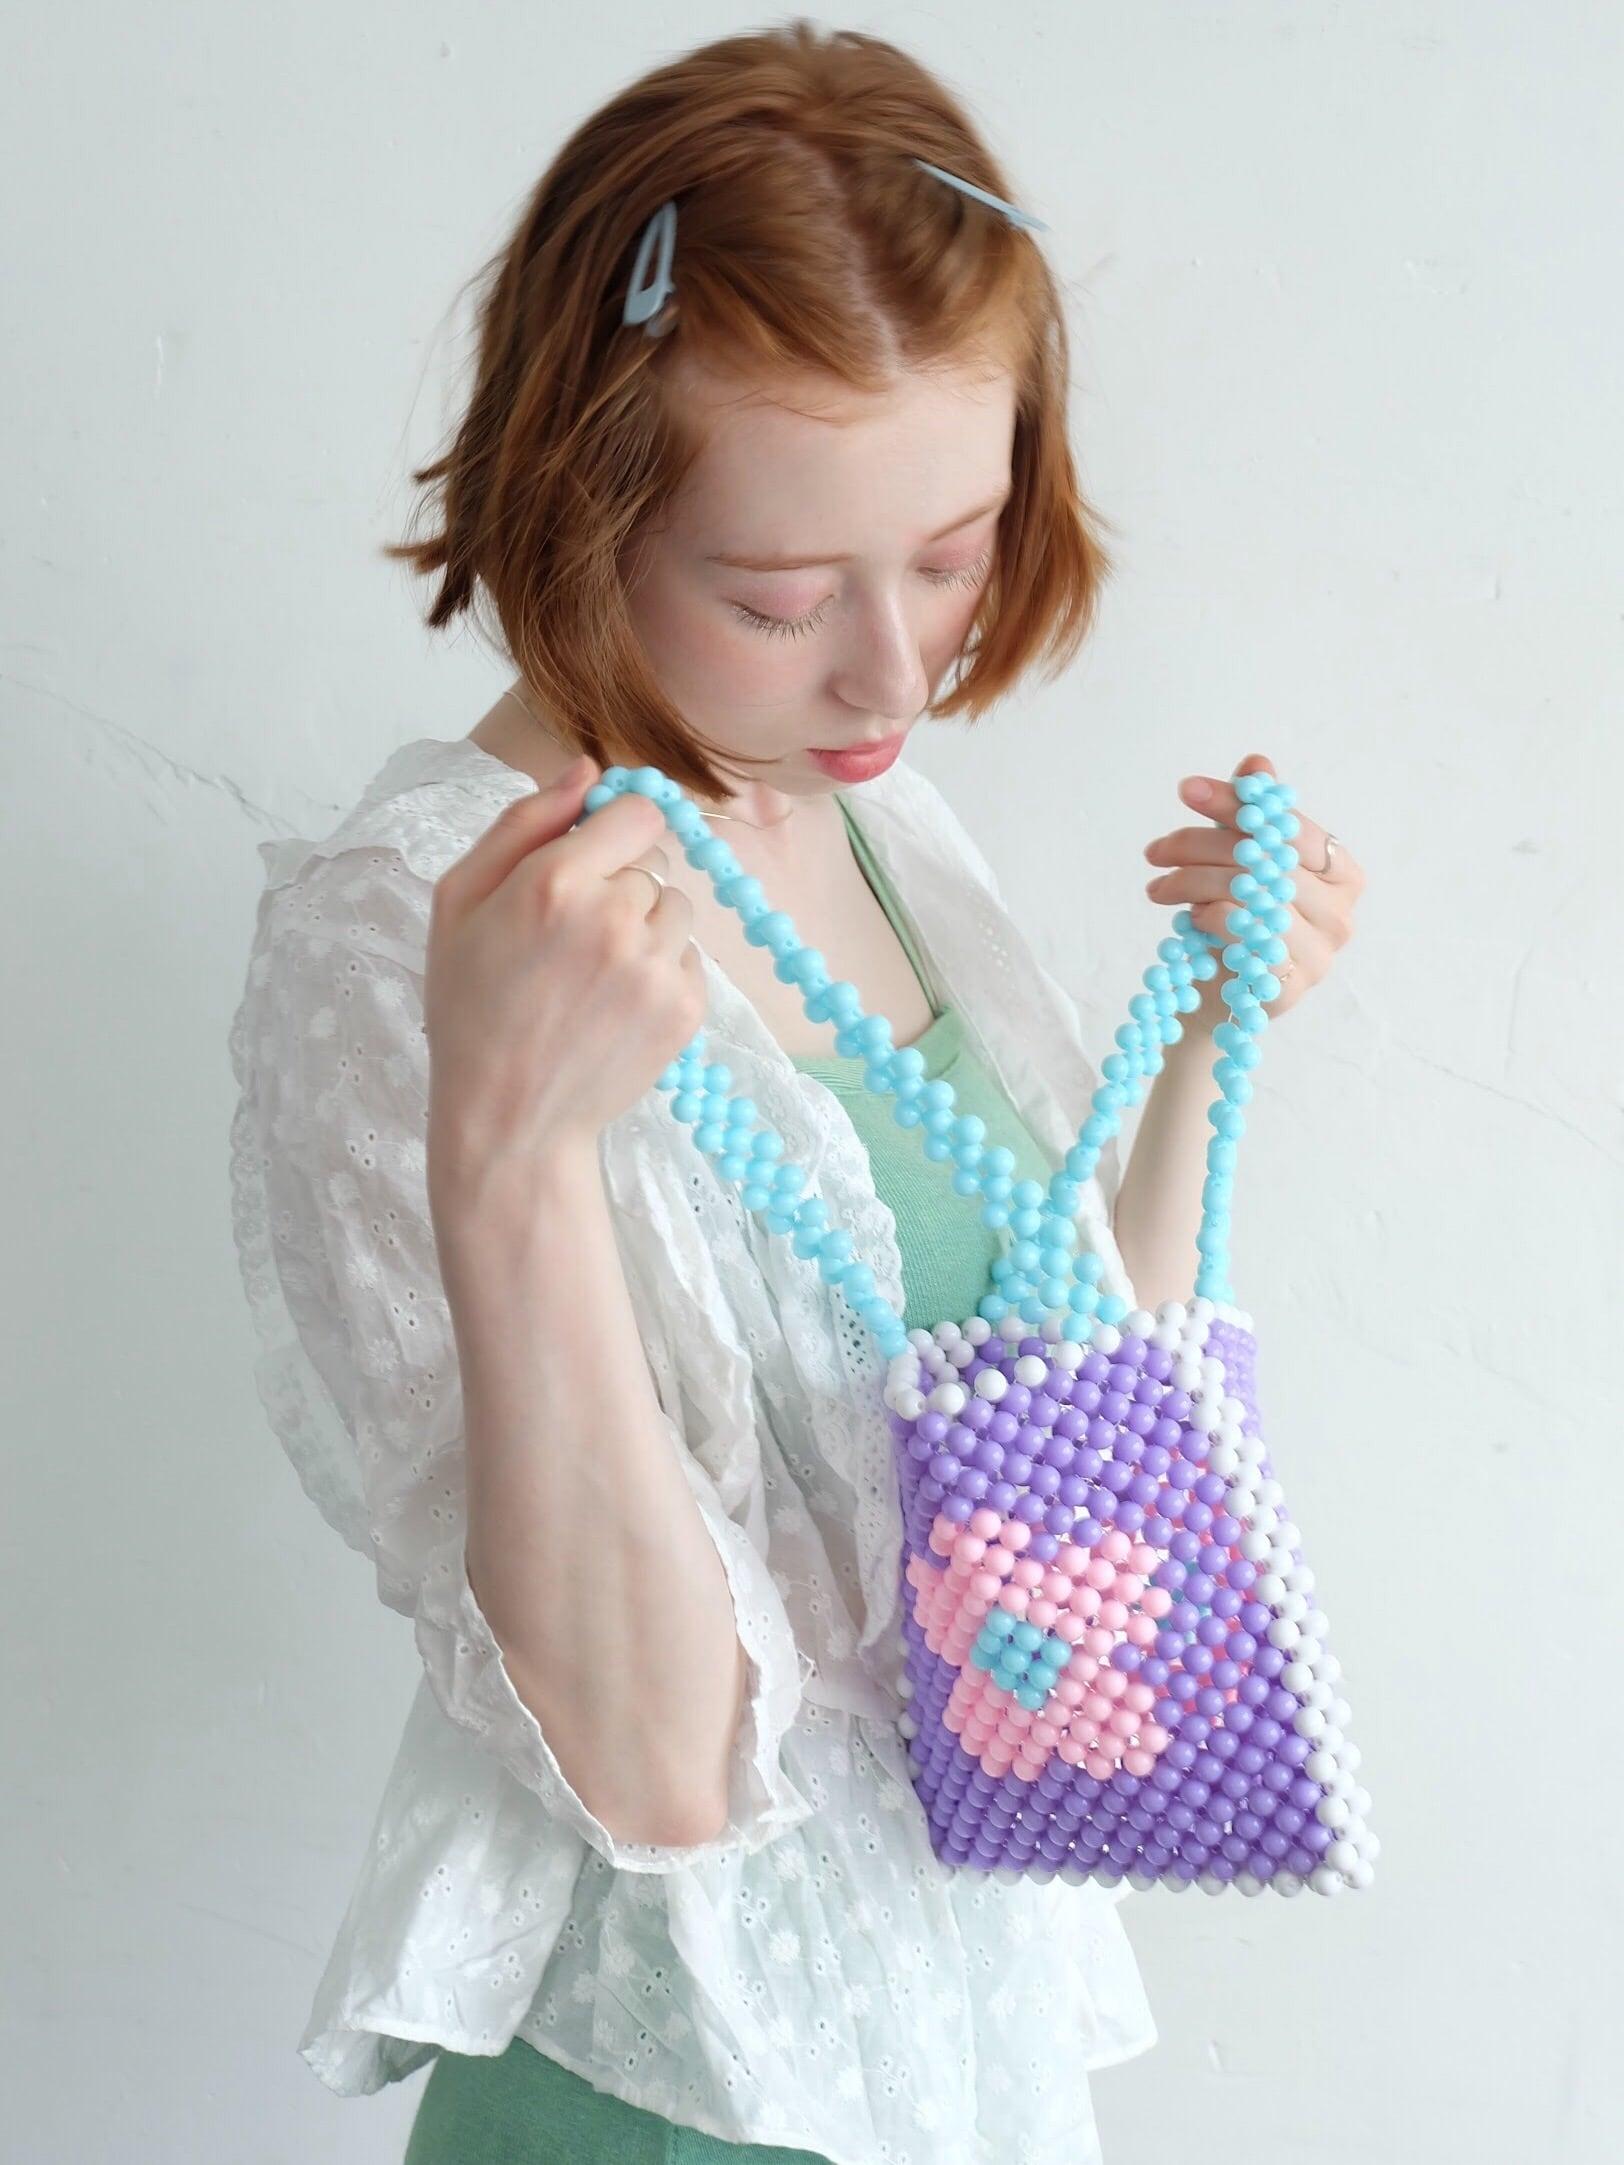 【Limited Item】vintagelike beads bag